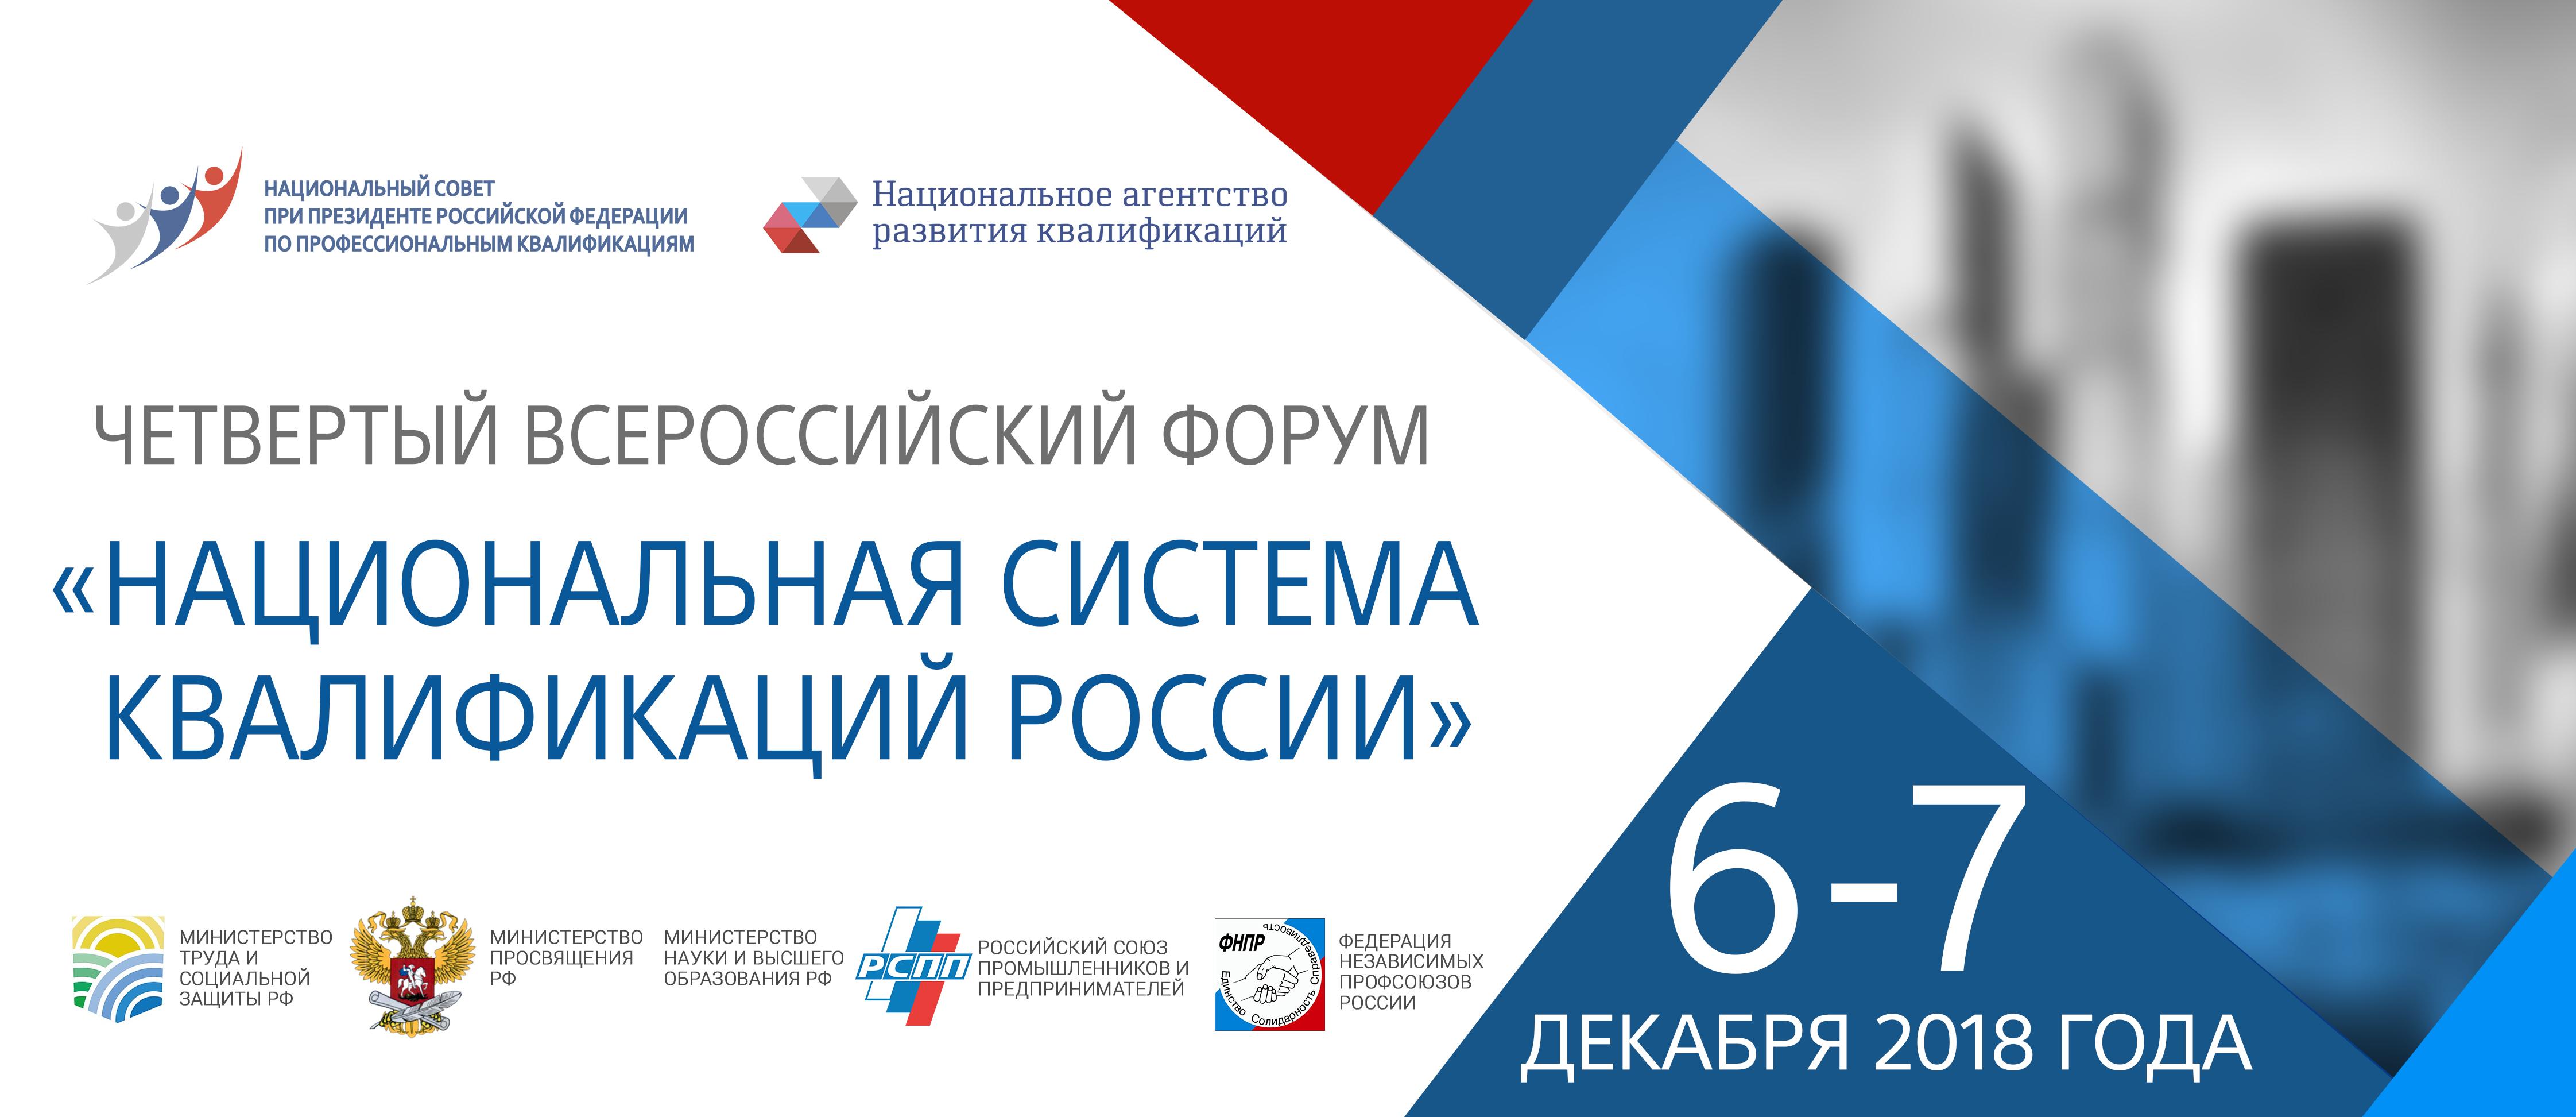 forum_banner (3)